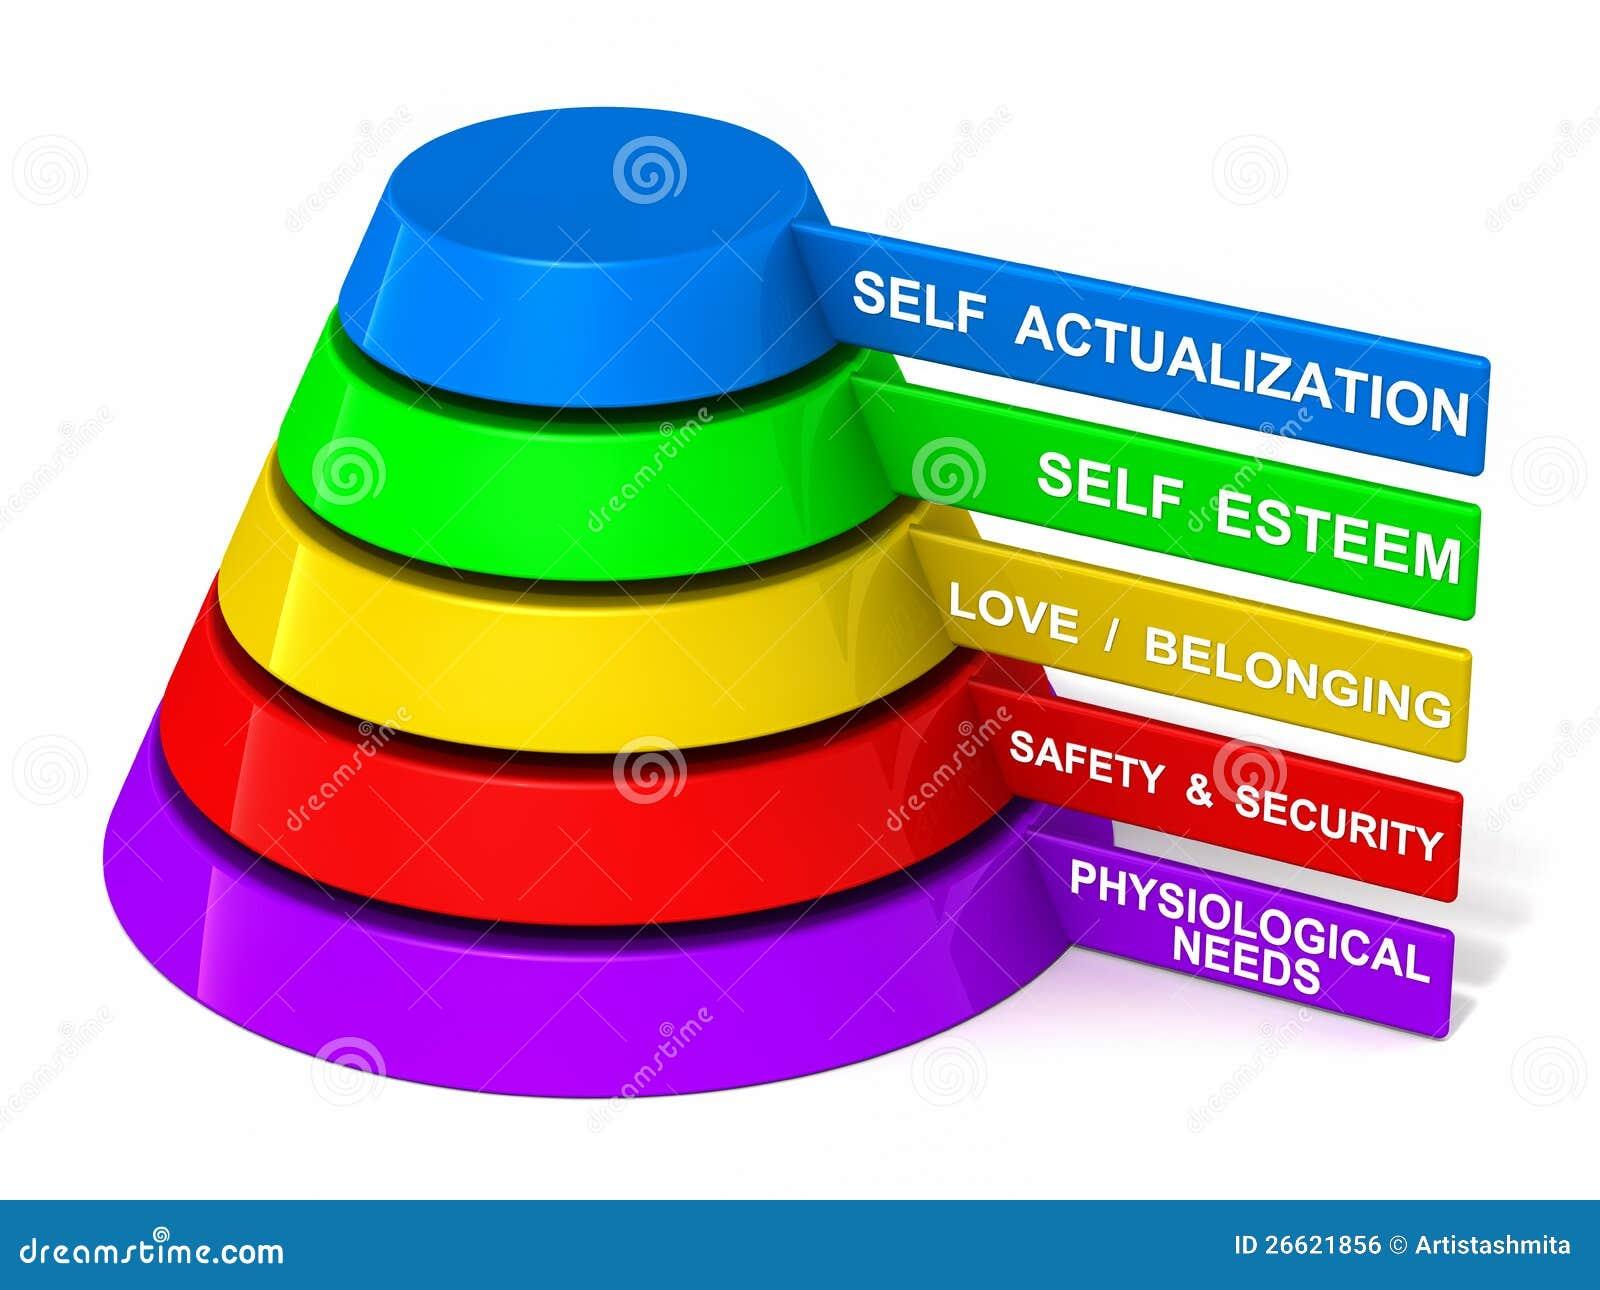 Jerarquía de Maslow de necesidades